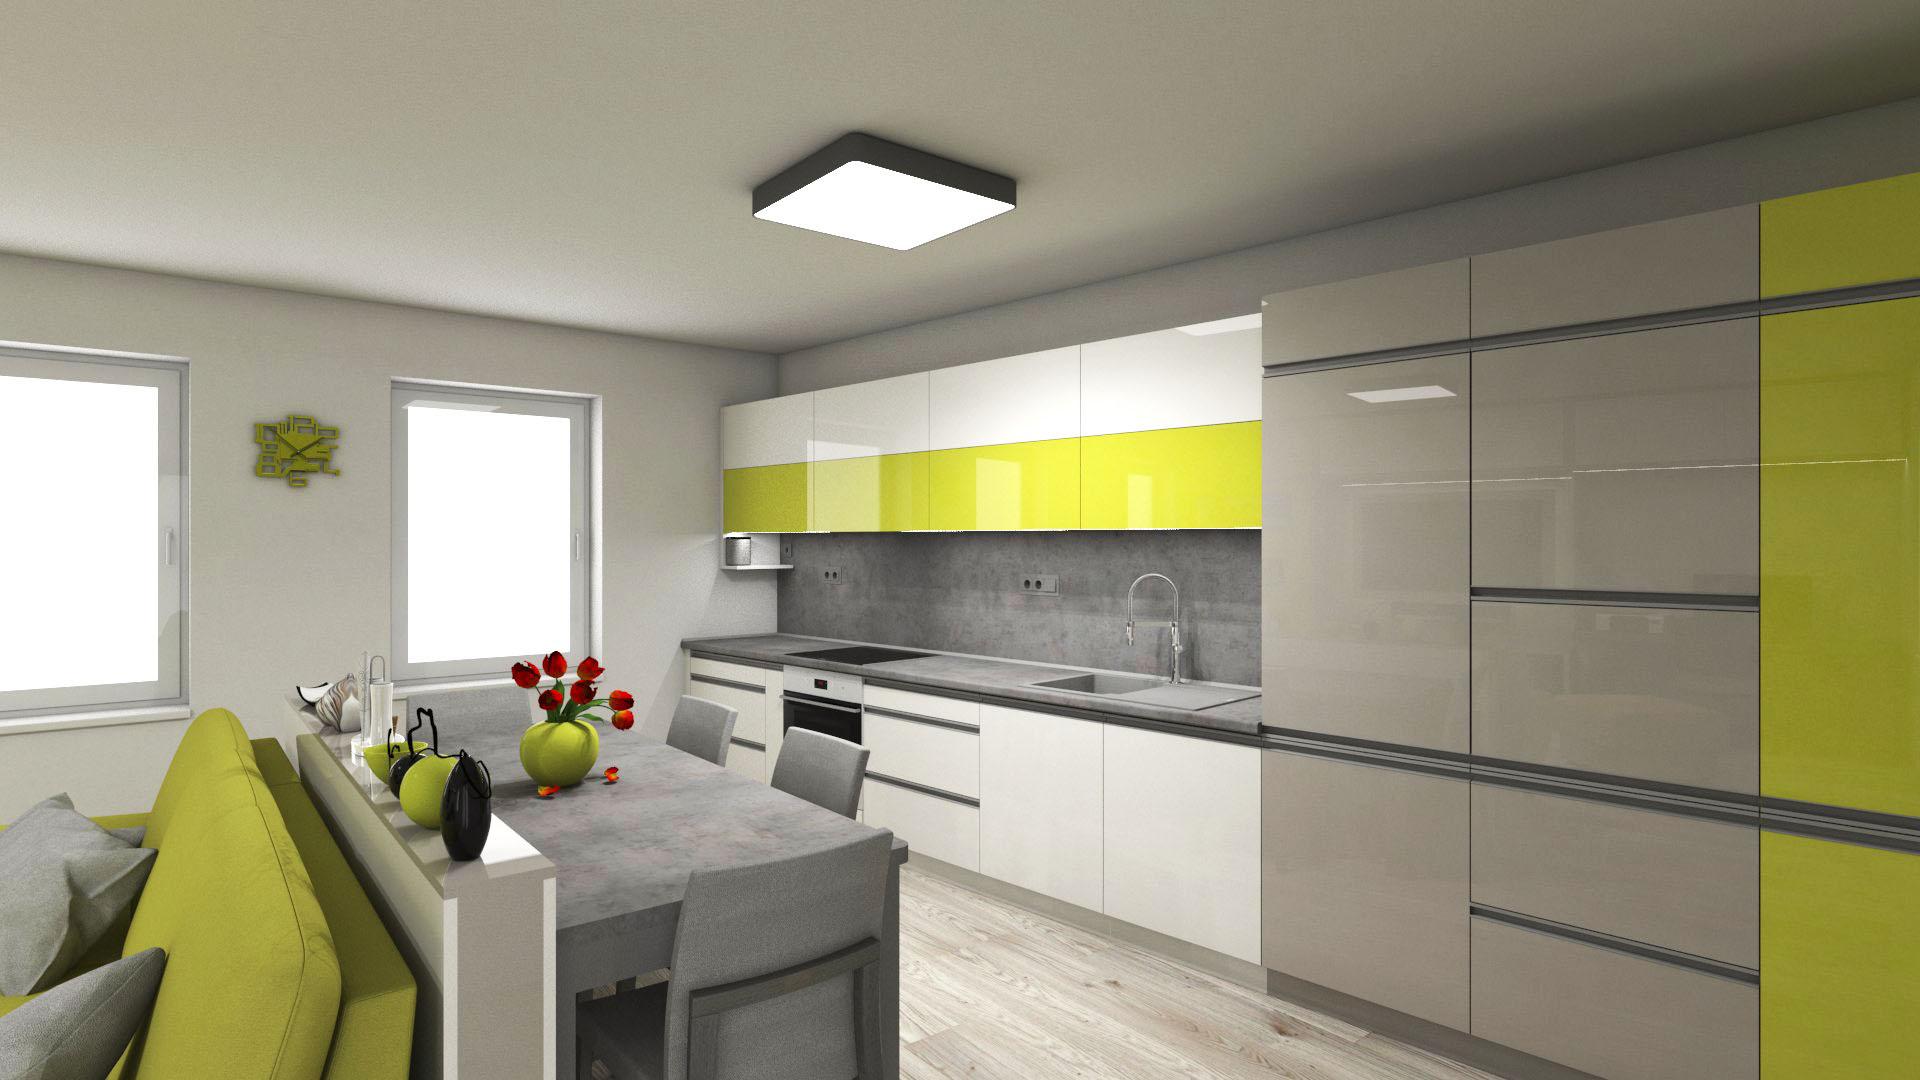 Kuchyně - Bílá, šedá, zeleno-žlutá ano i takto může vypadat svěží interiér.